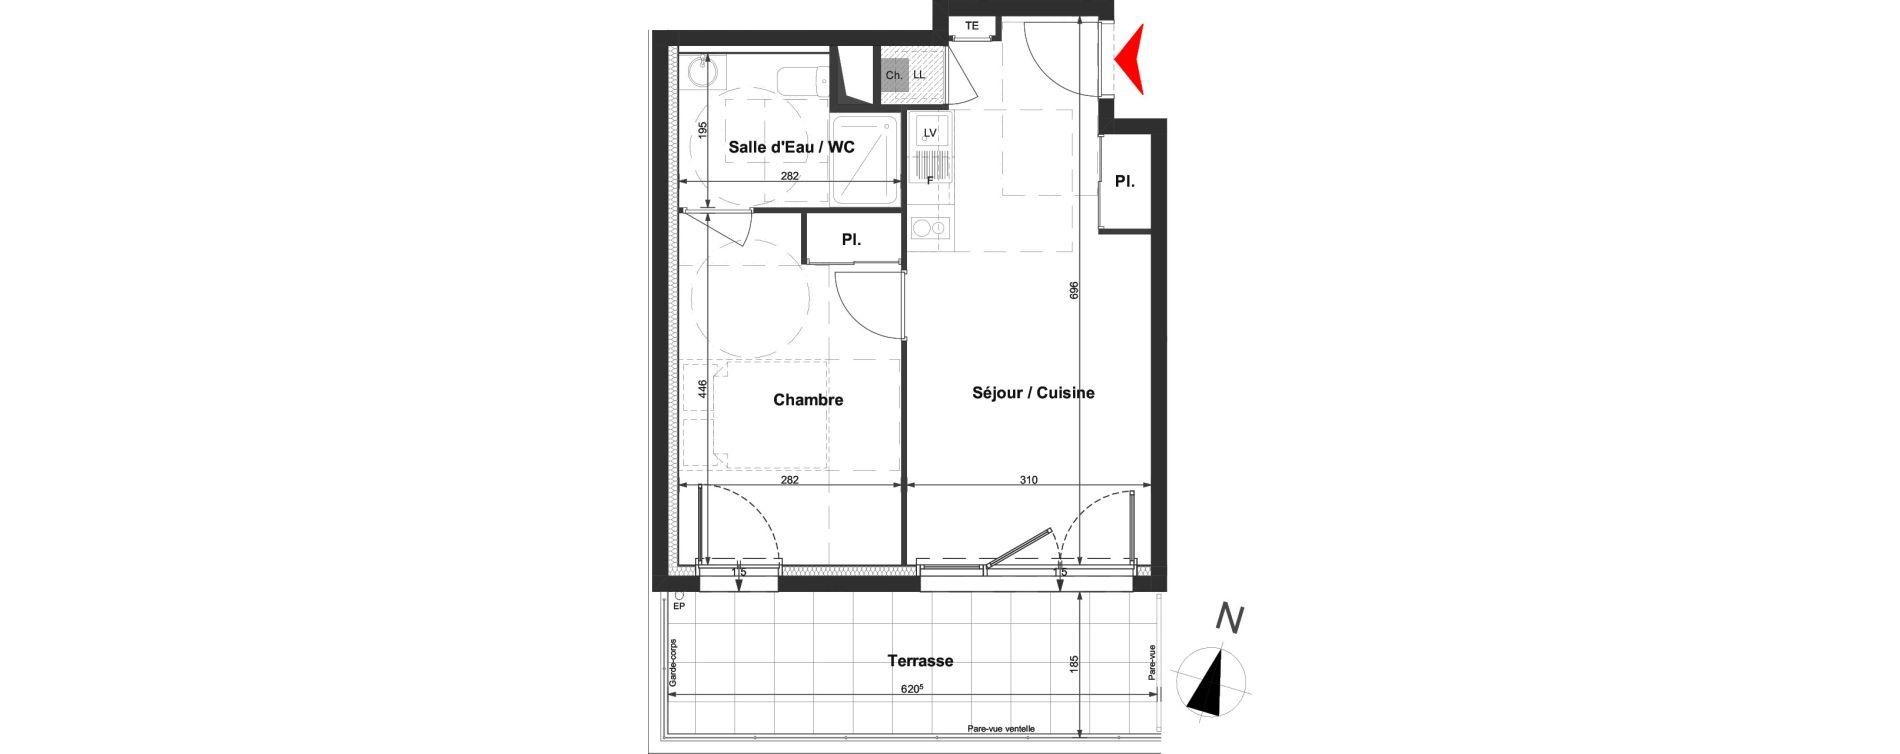 Appartement T2 de 37,68 m2 à La Roche-Sur-Yon La vigne aux roses